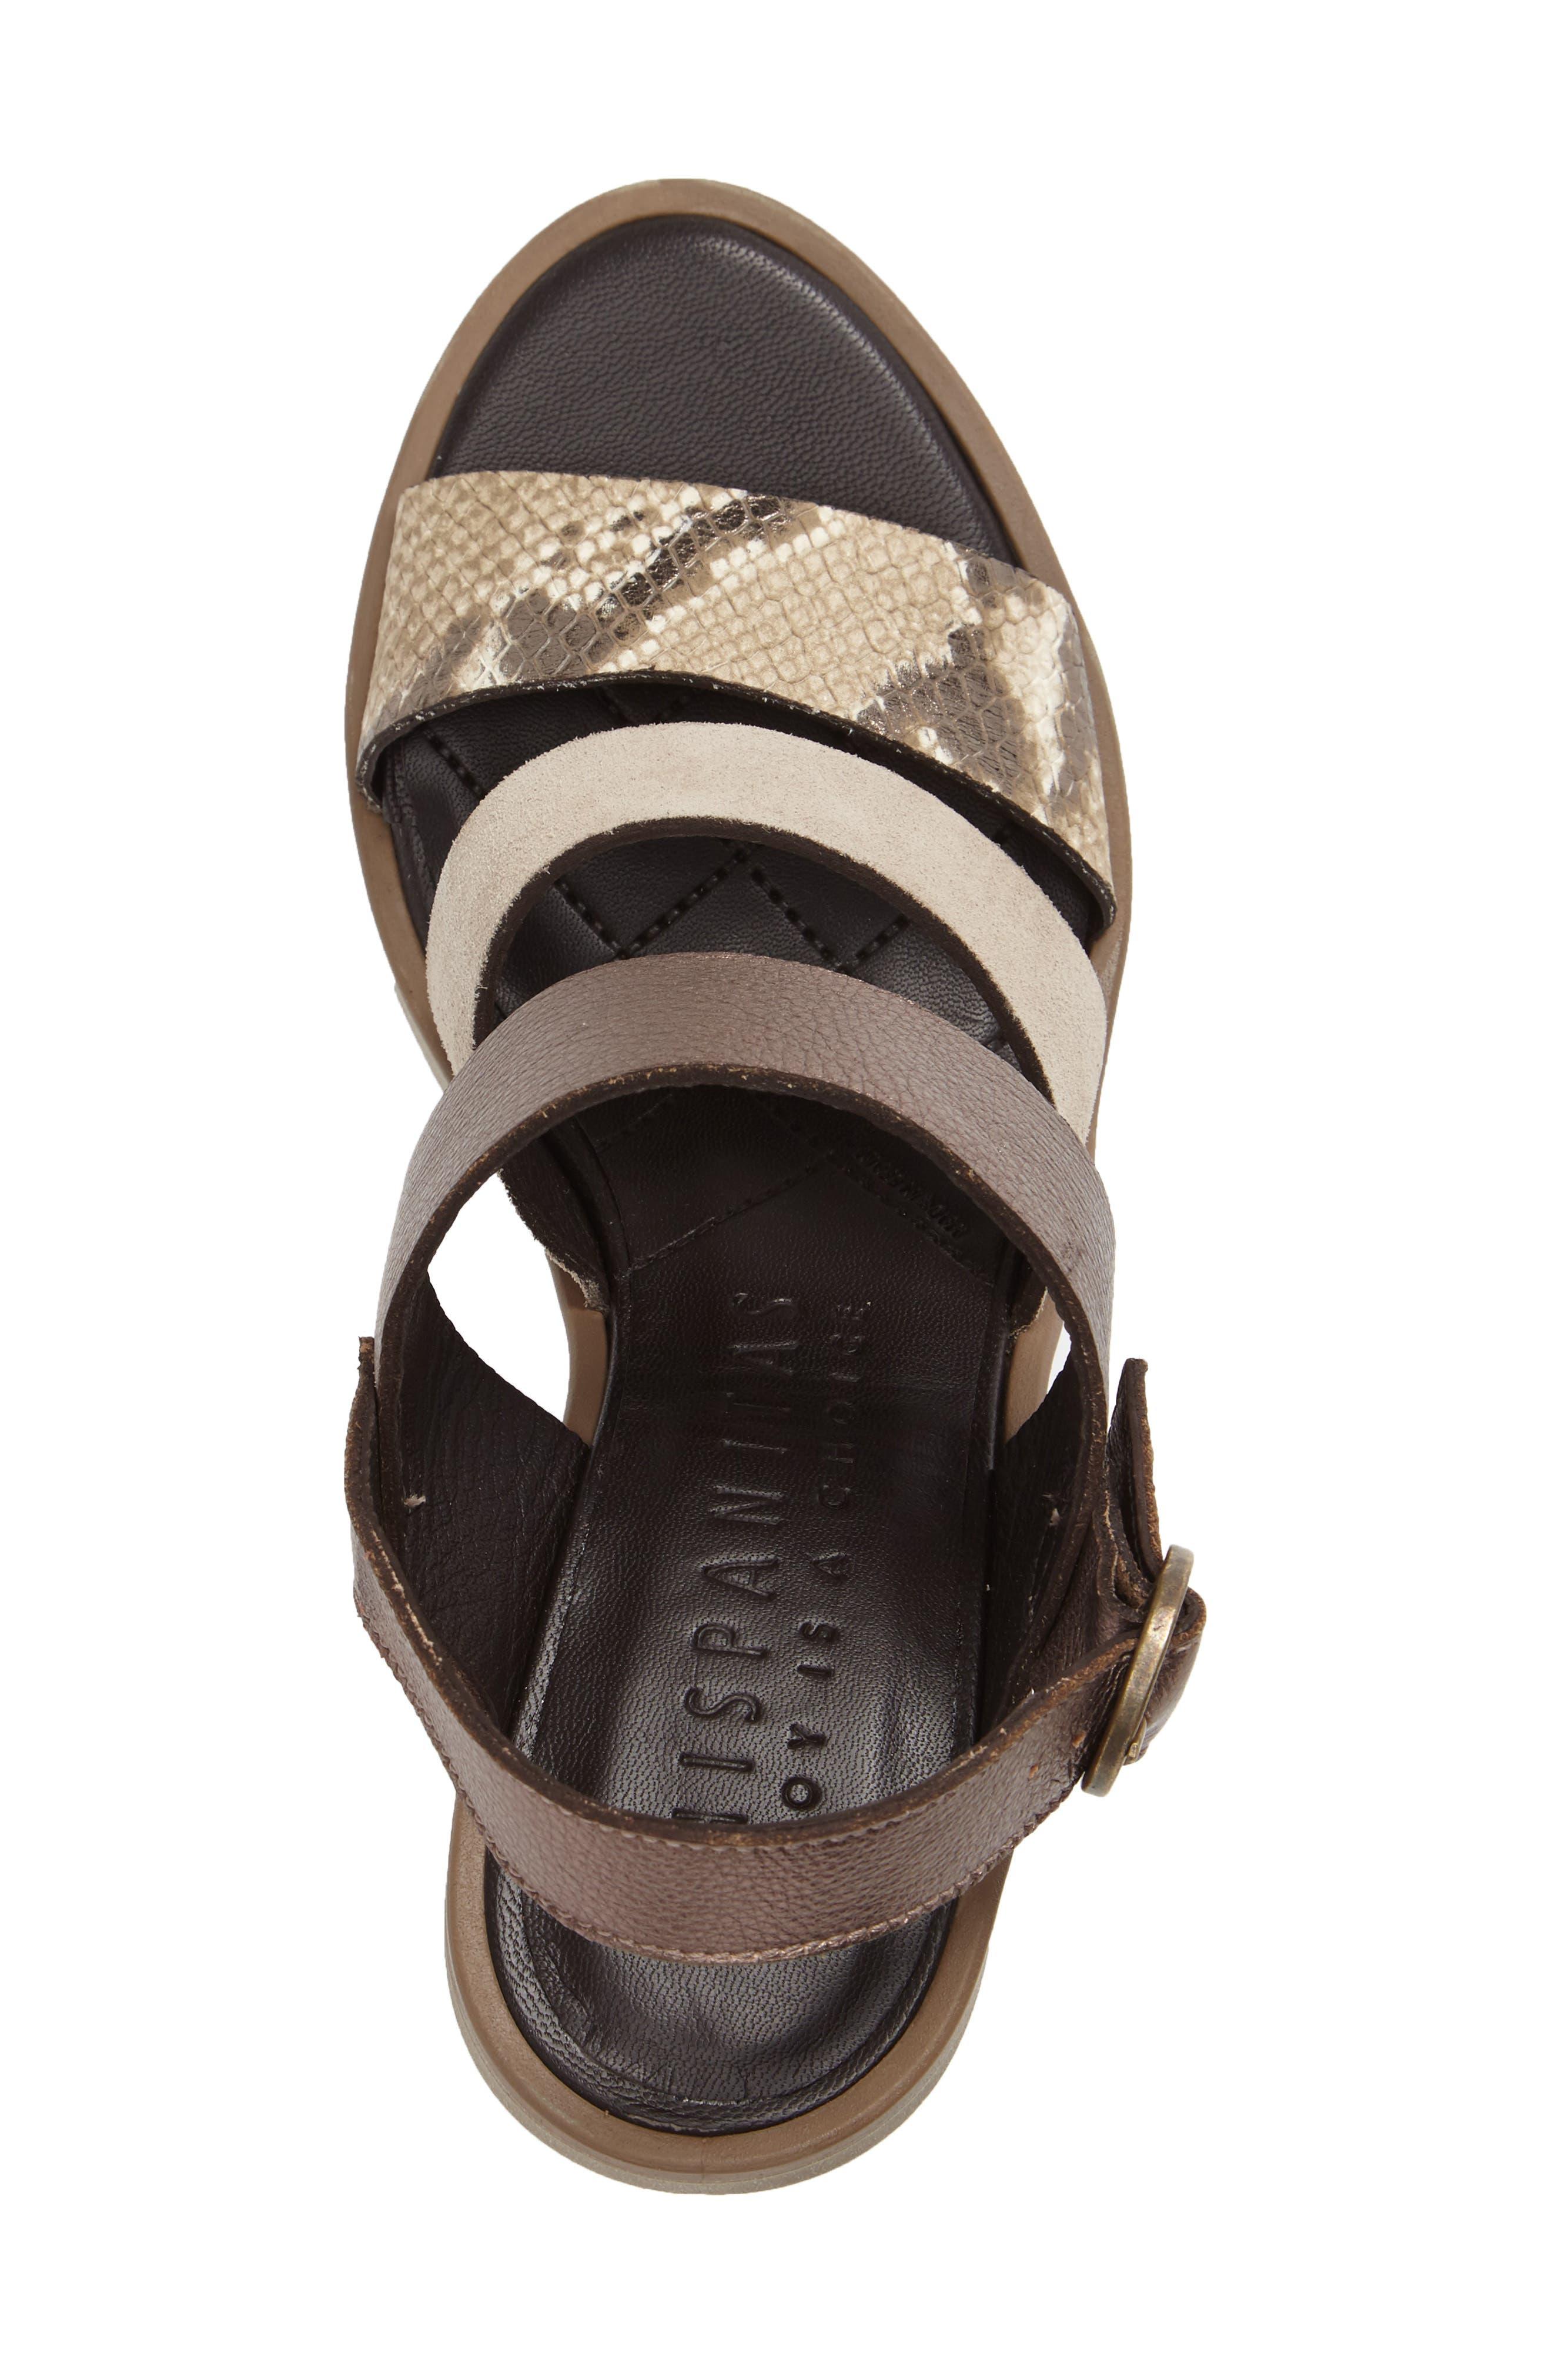 Greer Strappy Slingback Sandal,                             Alternate thumbnail 6, color,